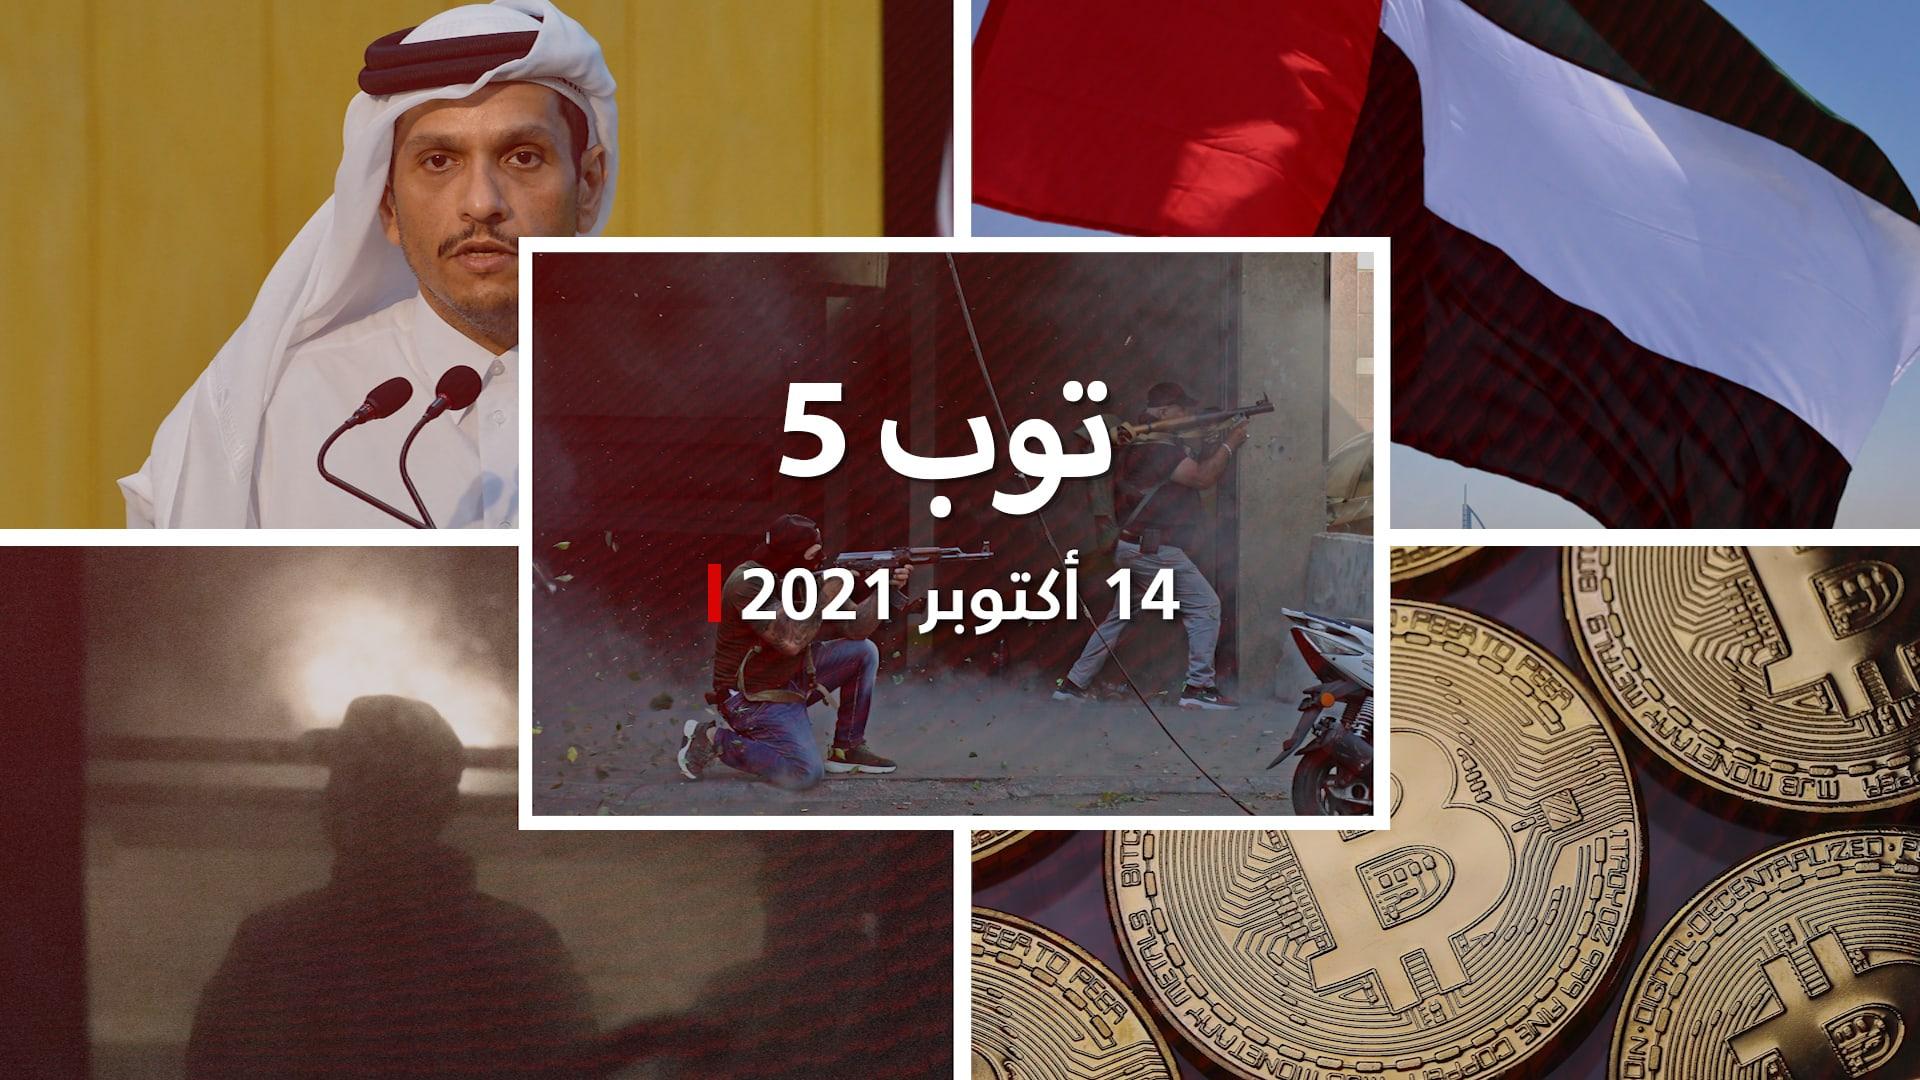 توب 5: اشتباكات دامية في بيروت.. والإمارات عضوًا في مجلس حقوق الإنسان thumbnail